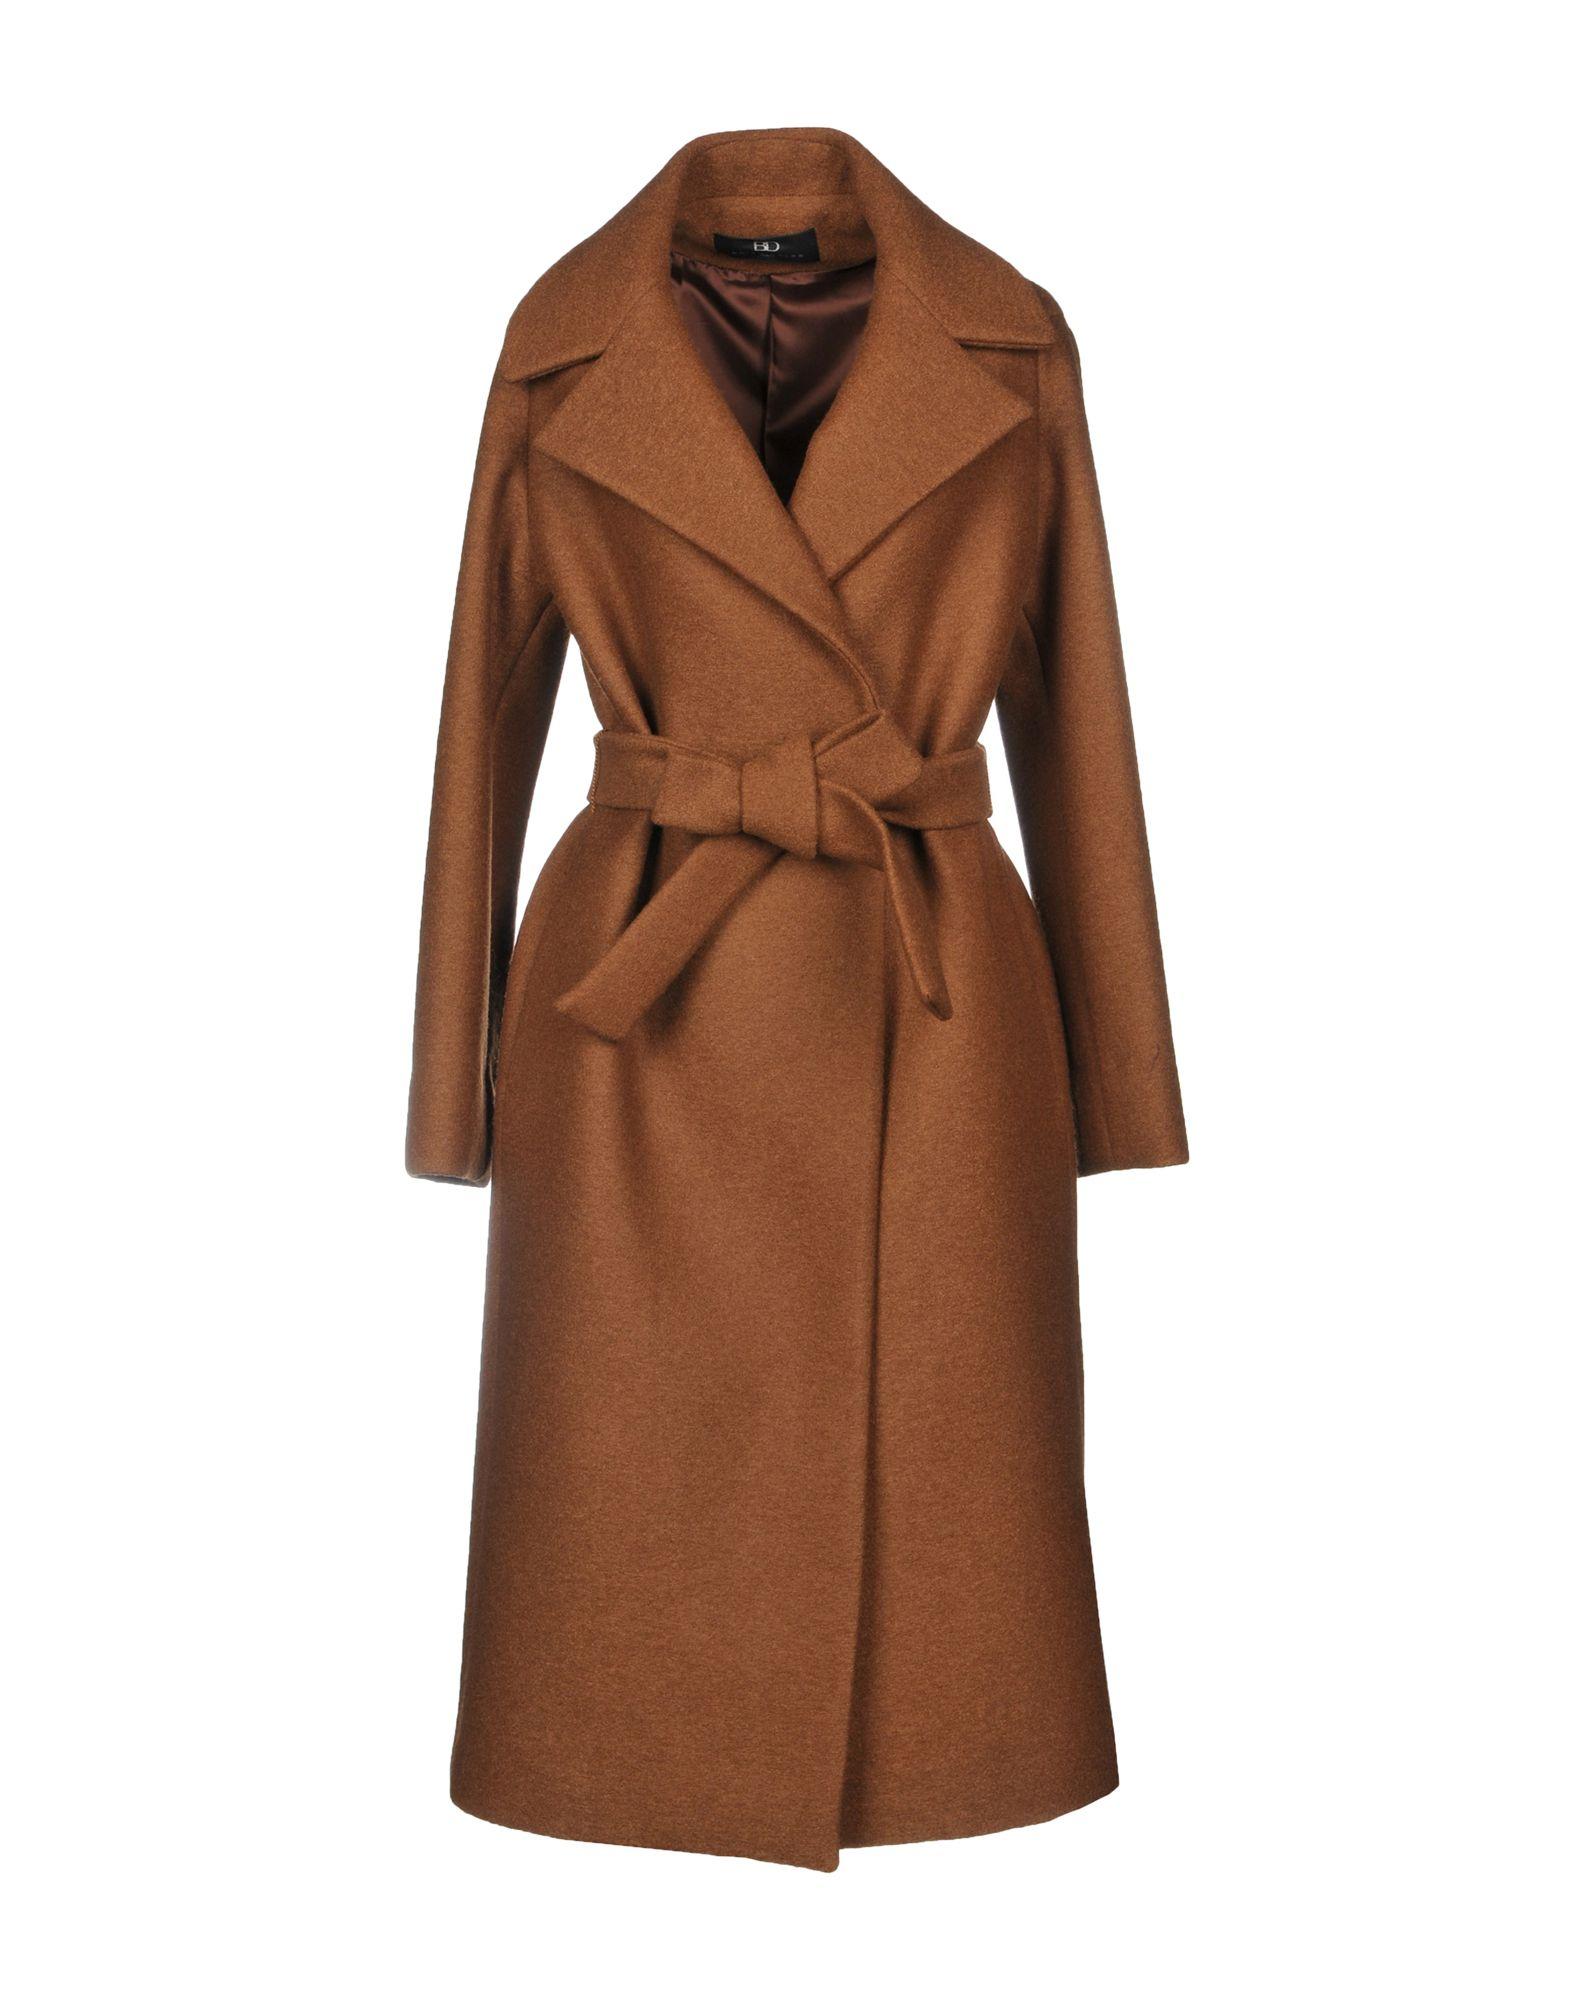 BRIAN DALES Coat in Brown